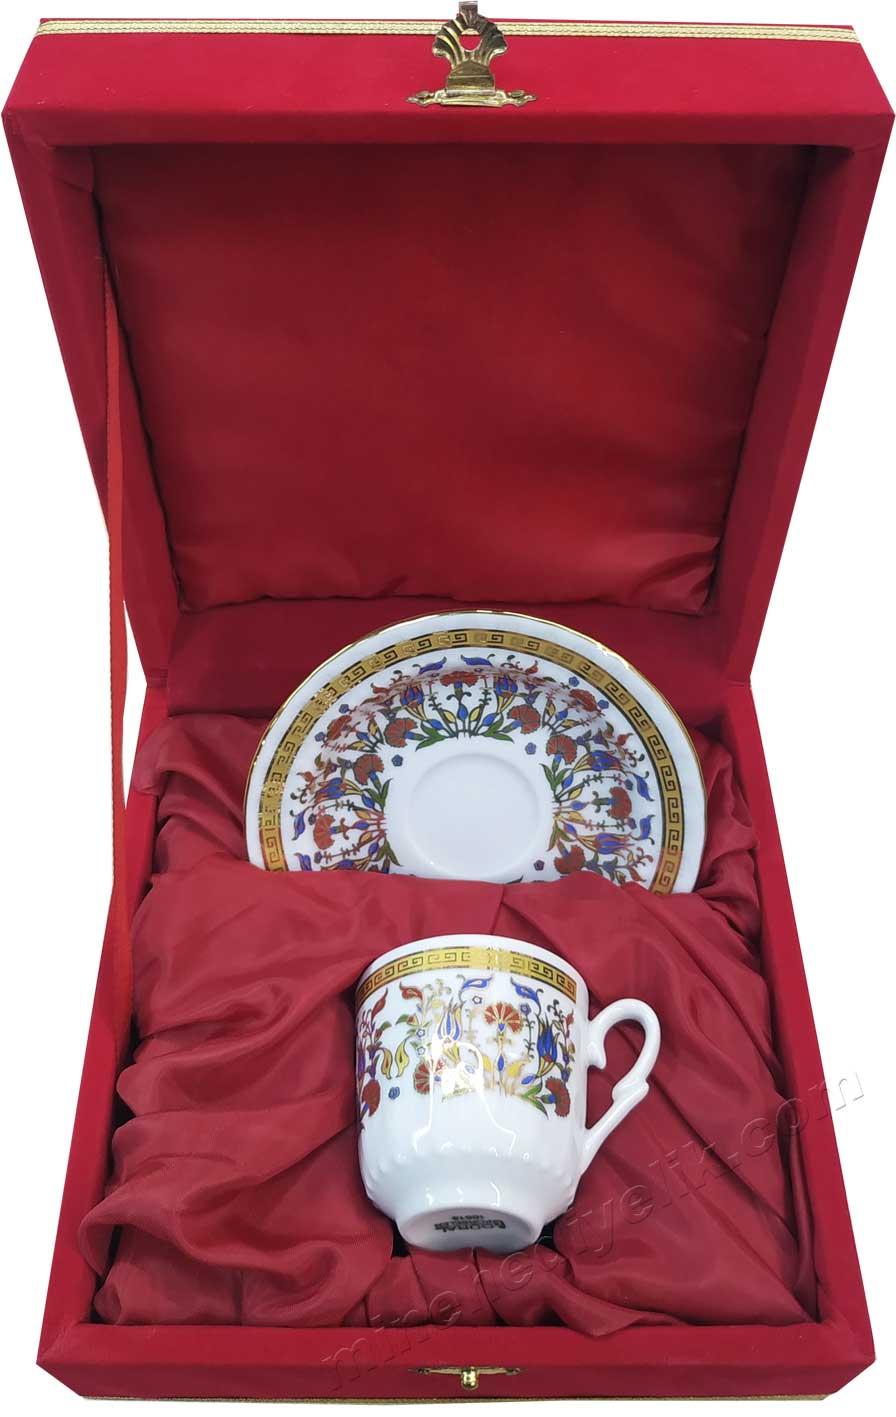 Promosyonluk Tekli Kahve Fincan Takımları Kırmızı Kadife Kutulu Hediyelik Kurumsal promosyon ürünleri Bir kişilik Kutulu Dekoratif Türk Kahvesi Fincan Setleri